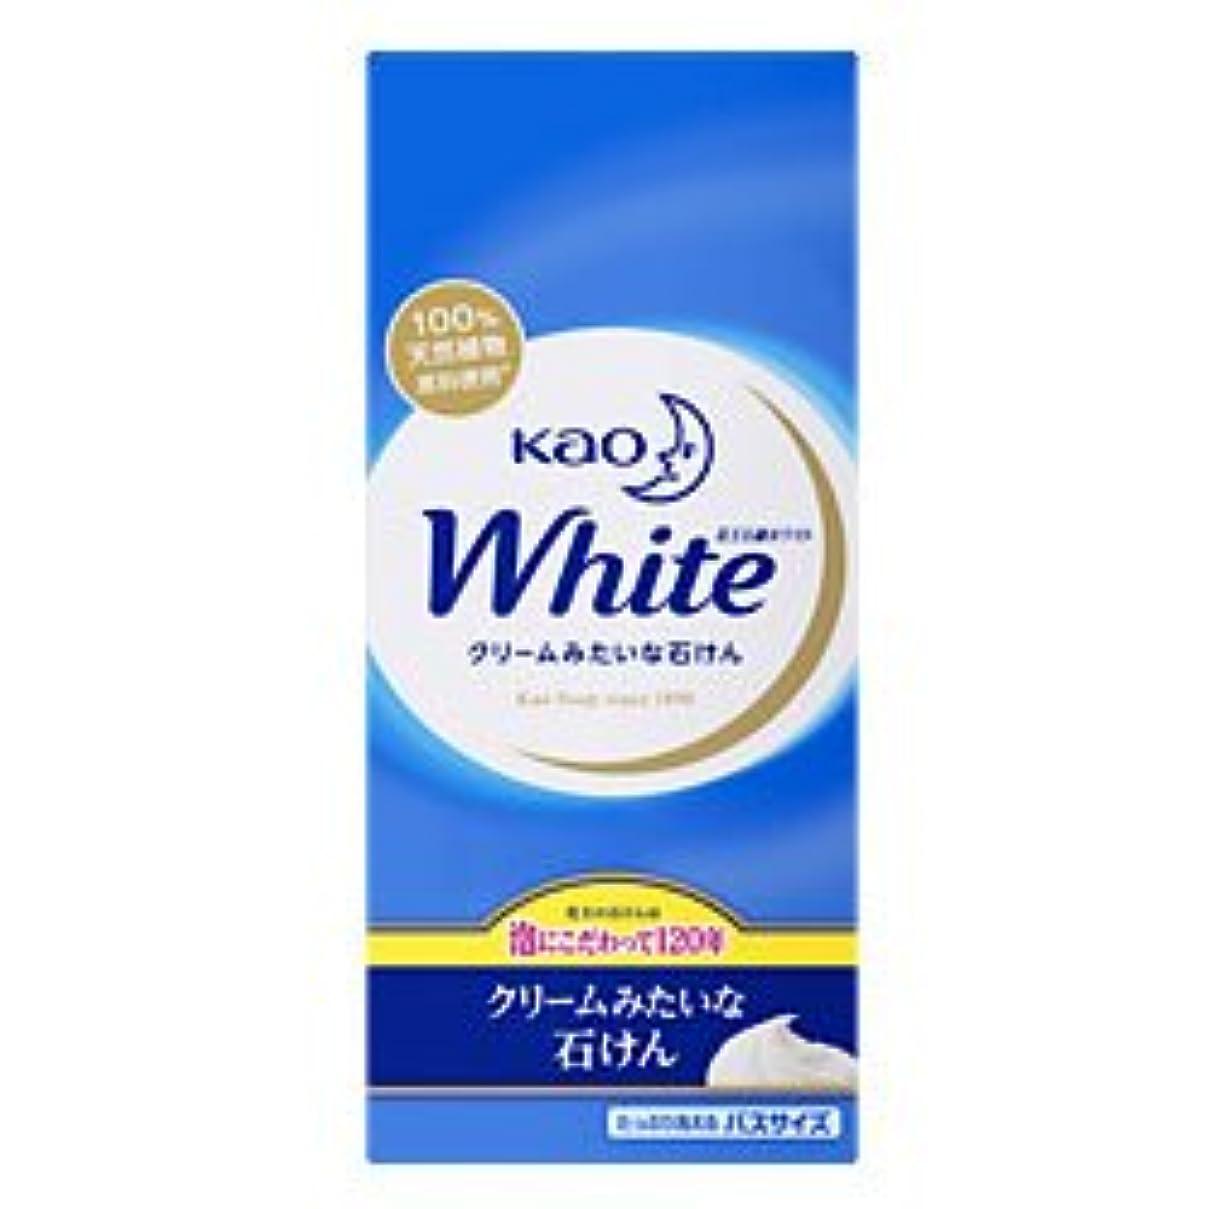 テクニカル楽な論争の的【花王】花王ホワイト バスサイズ 130g×6個 ×10個セット